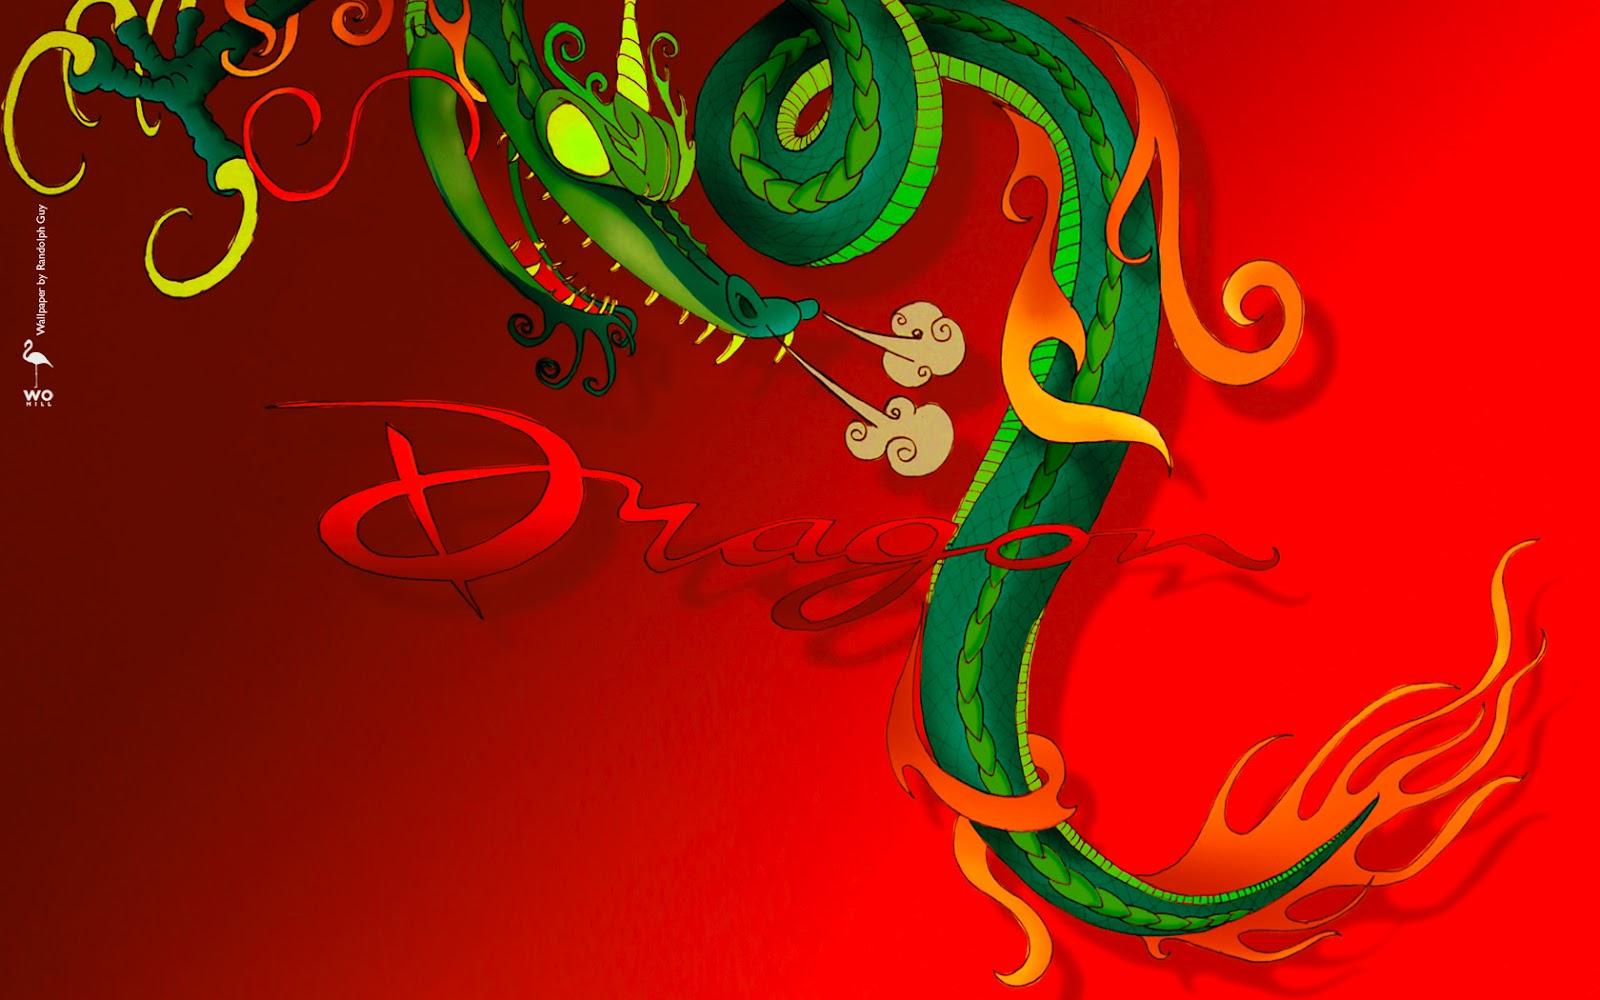 http://4.bp.blogspot.com/-cJzXkY6V-O4/UFDjg_xf36I/AAAAAAAABPg/6qMLQP0a9zk/s1600/Asian+Art+Wallpaper+(18).jpg